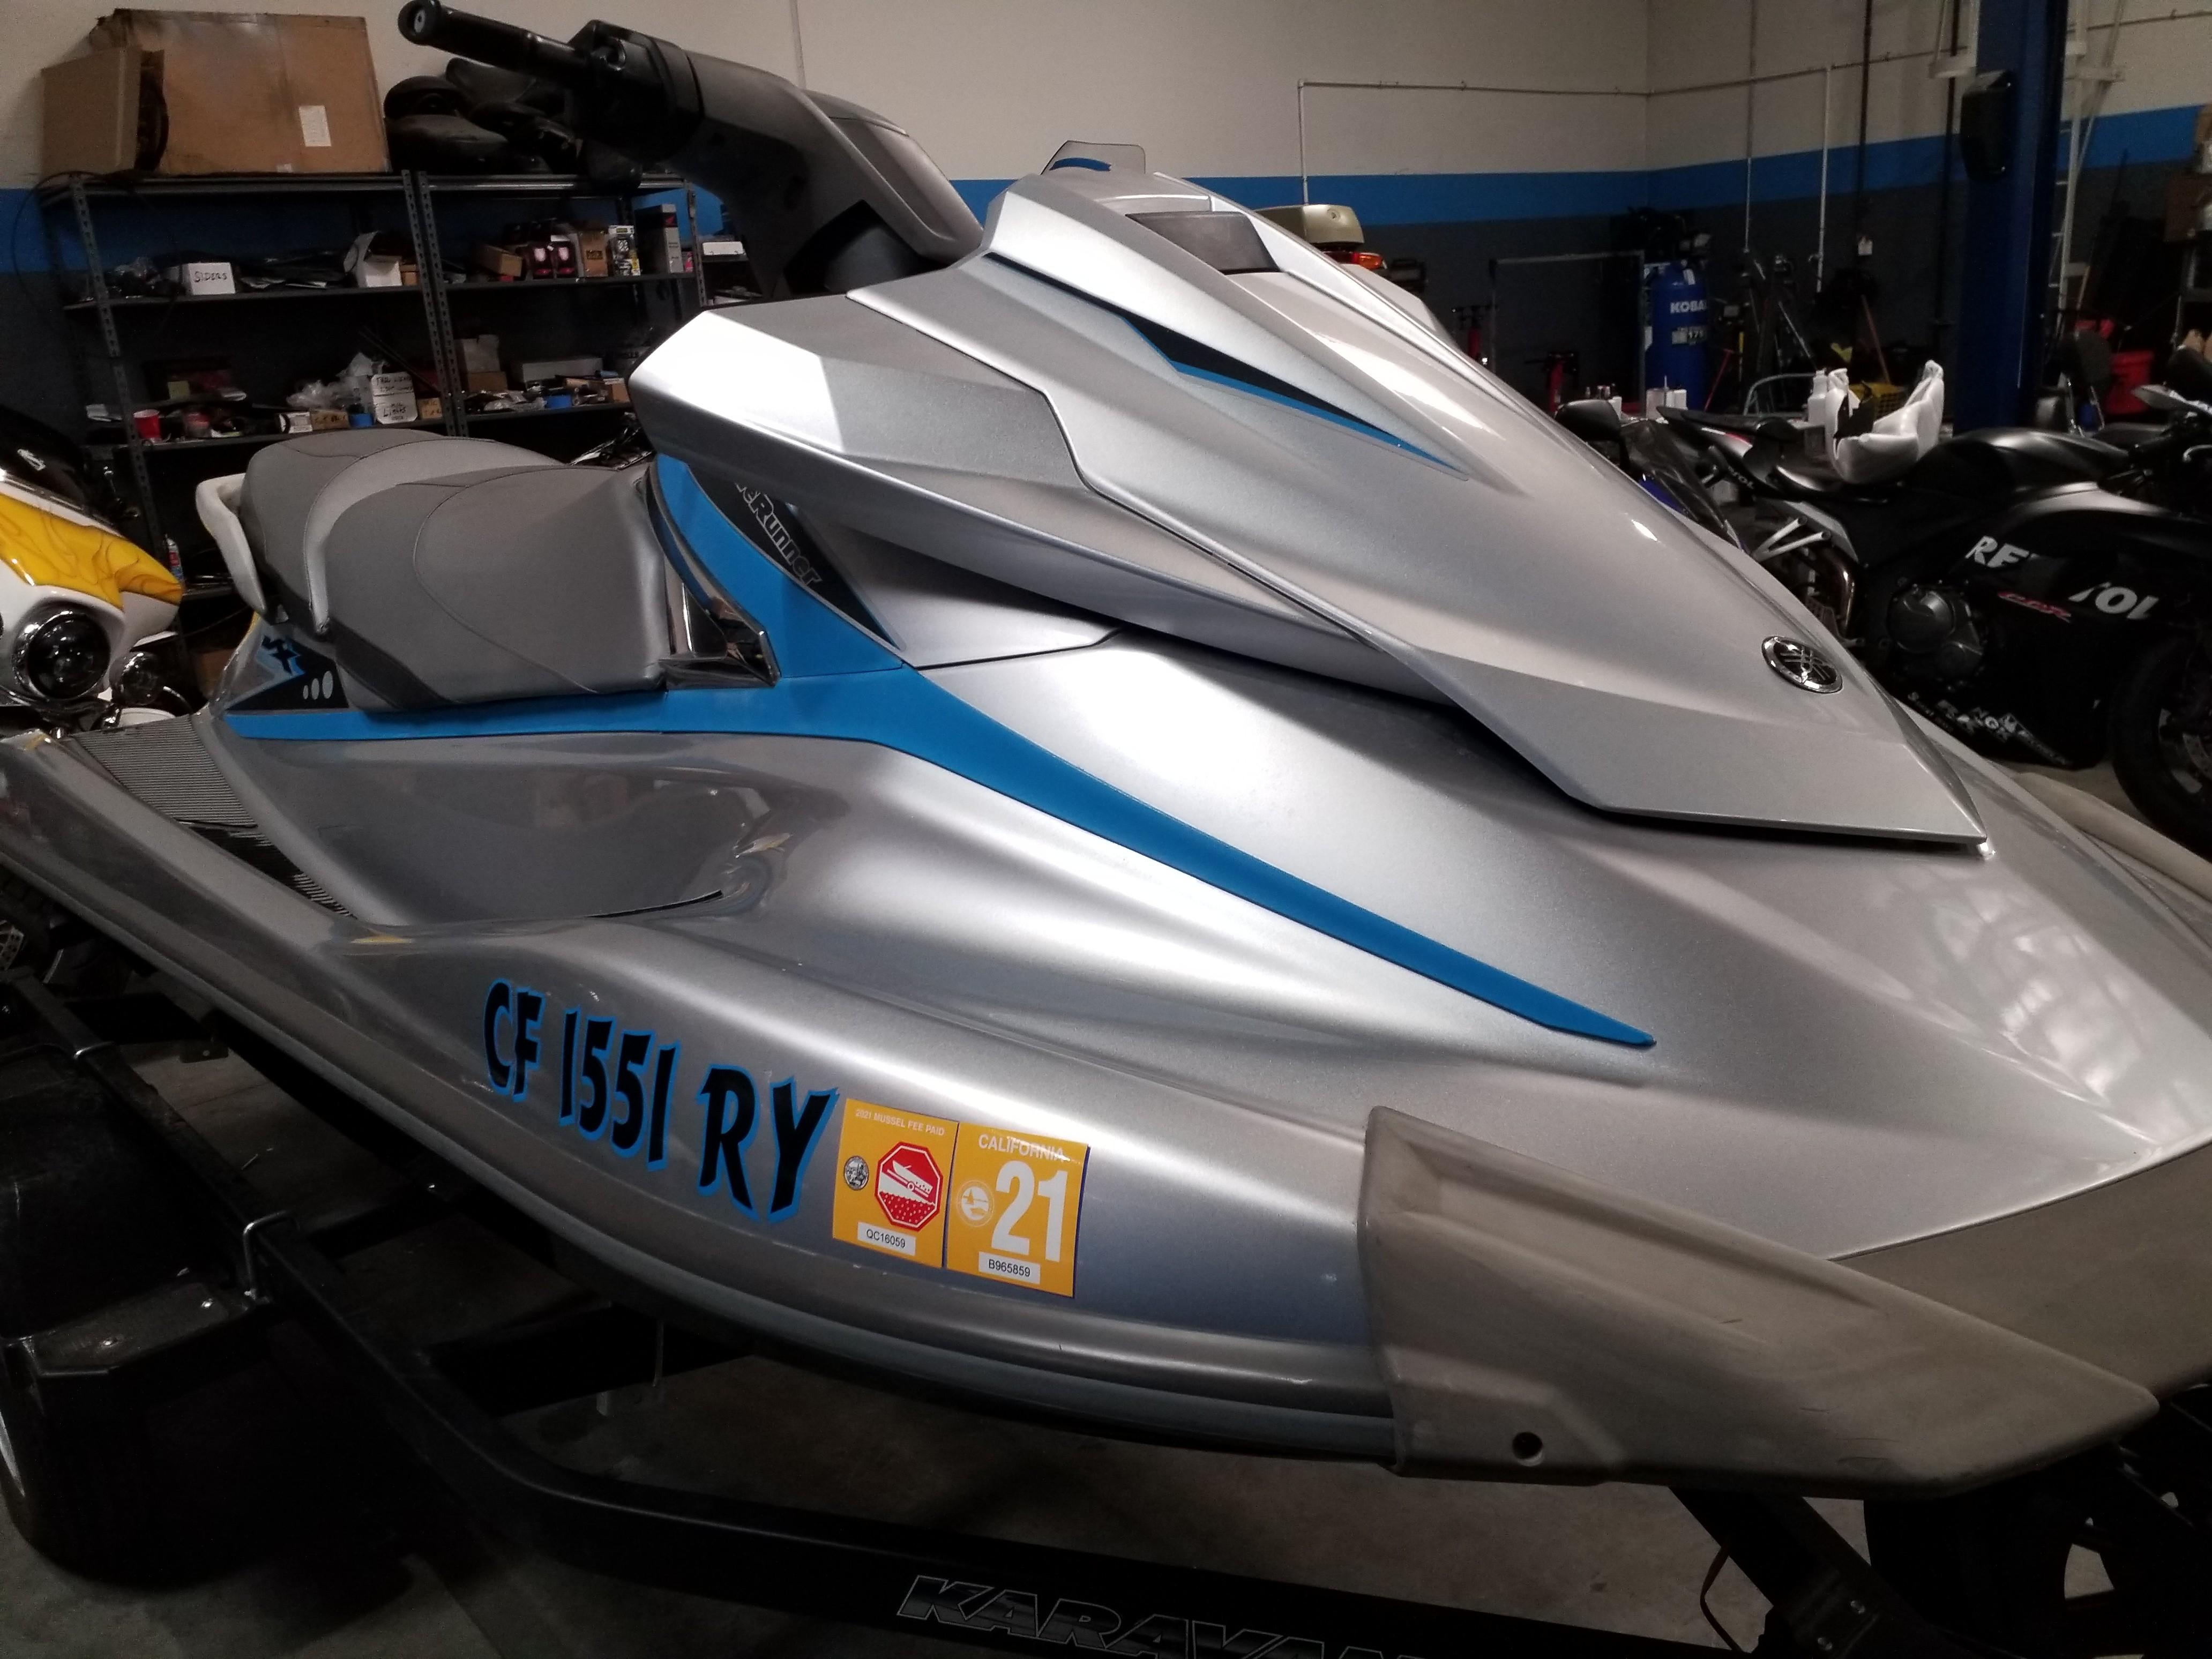 Used, 2015, Yamaha, waverunner, Watercraft